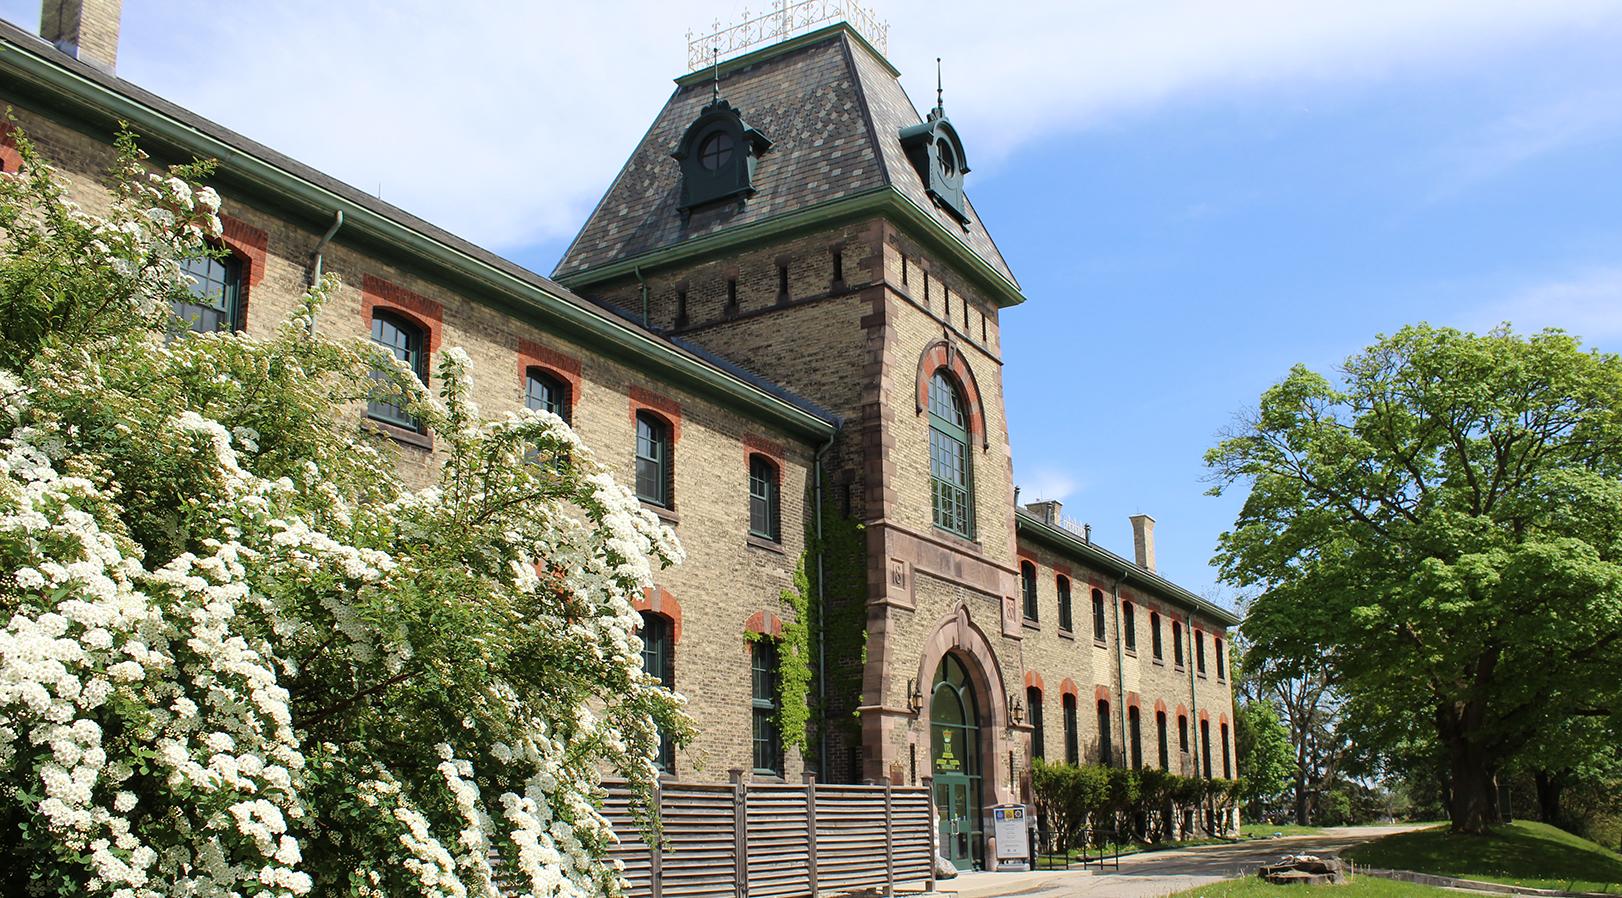 Wolseley Barracks, West Wing